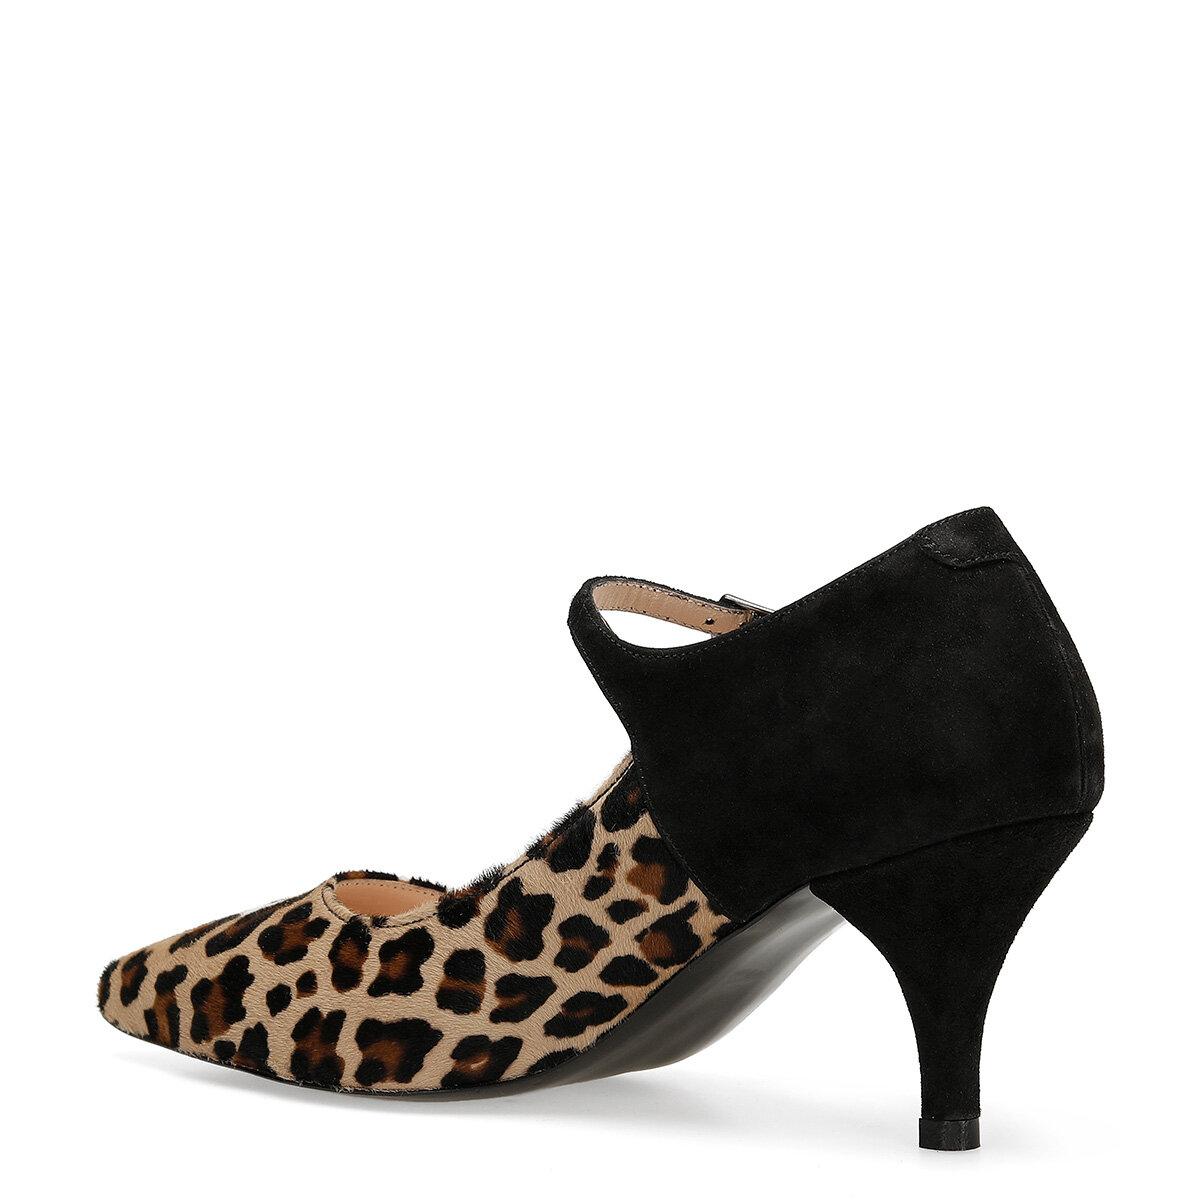 ARLI Leopar Kadın Topuklu Ayakkabı